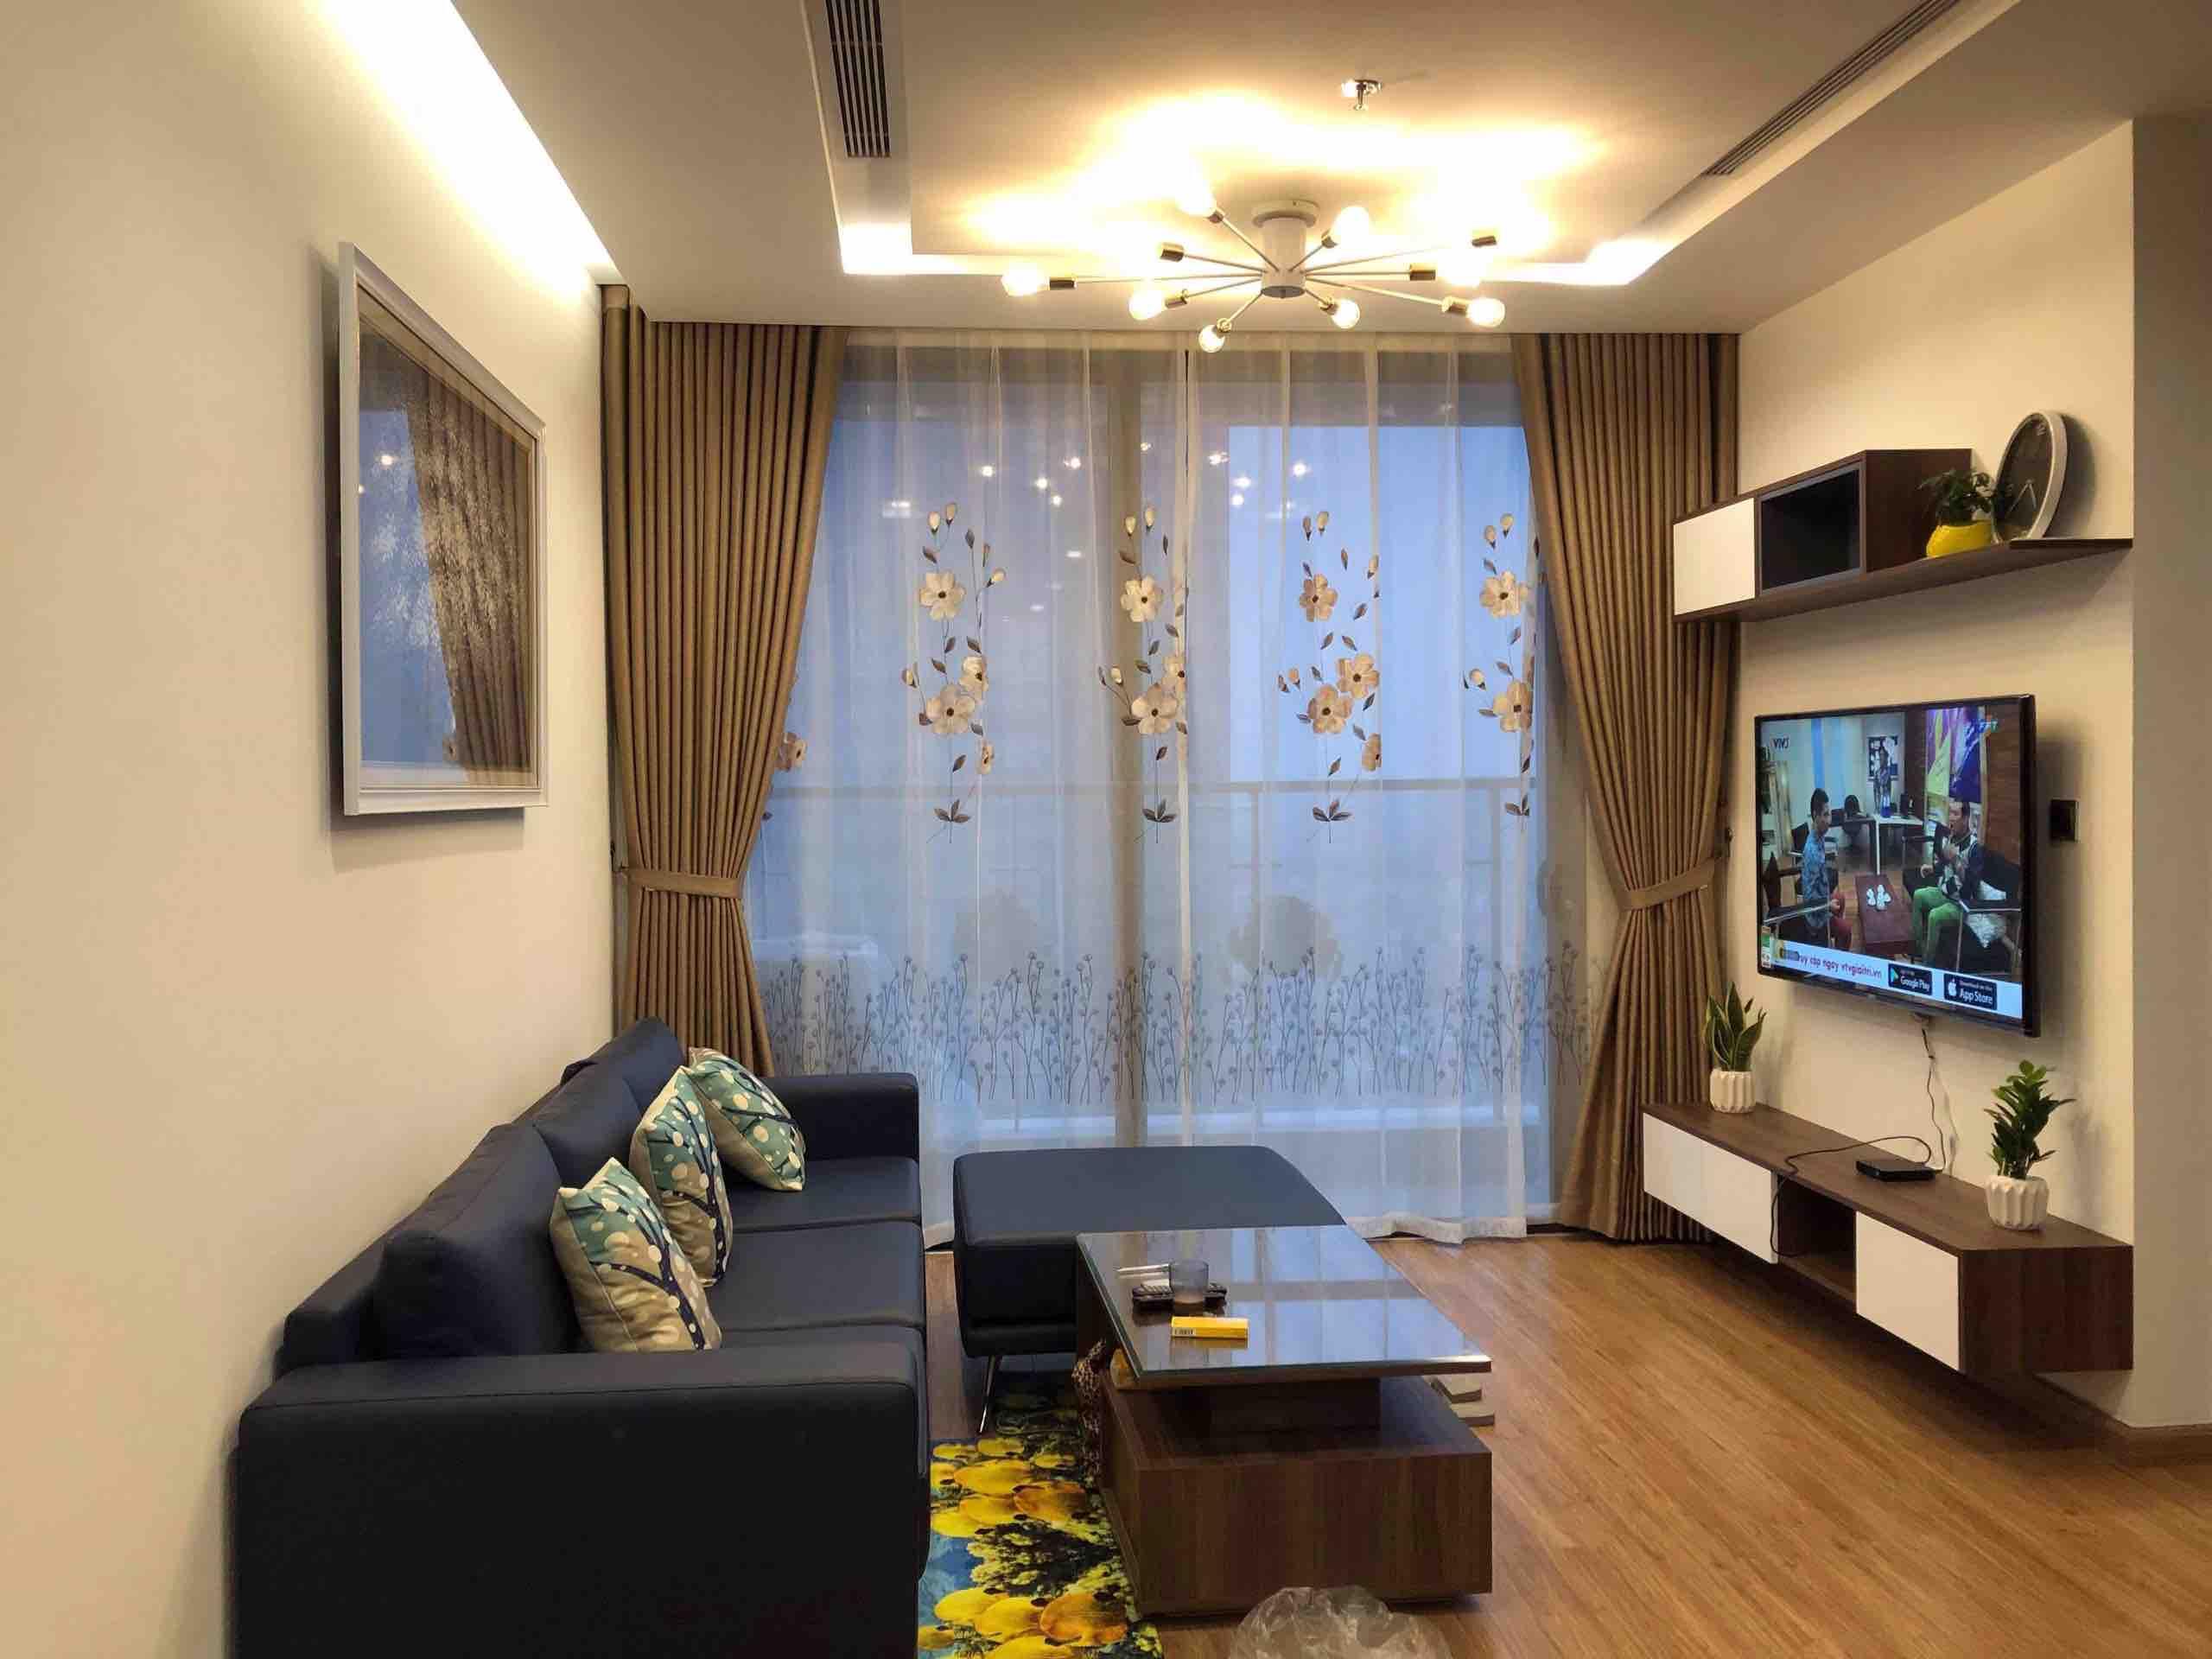 Vinhomes Metropolis (ヴィンホームズ メトロポリス) における家具付きの2ベッドマンション